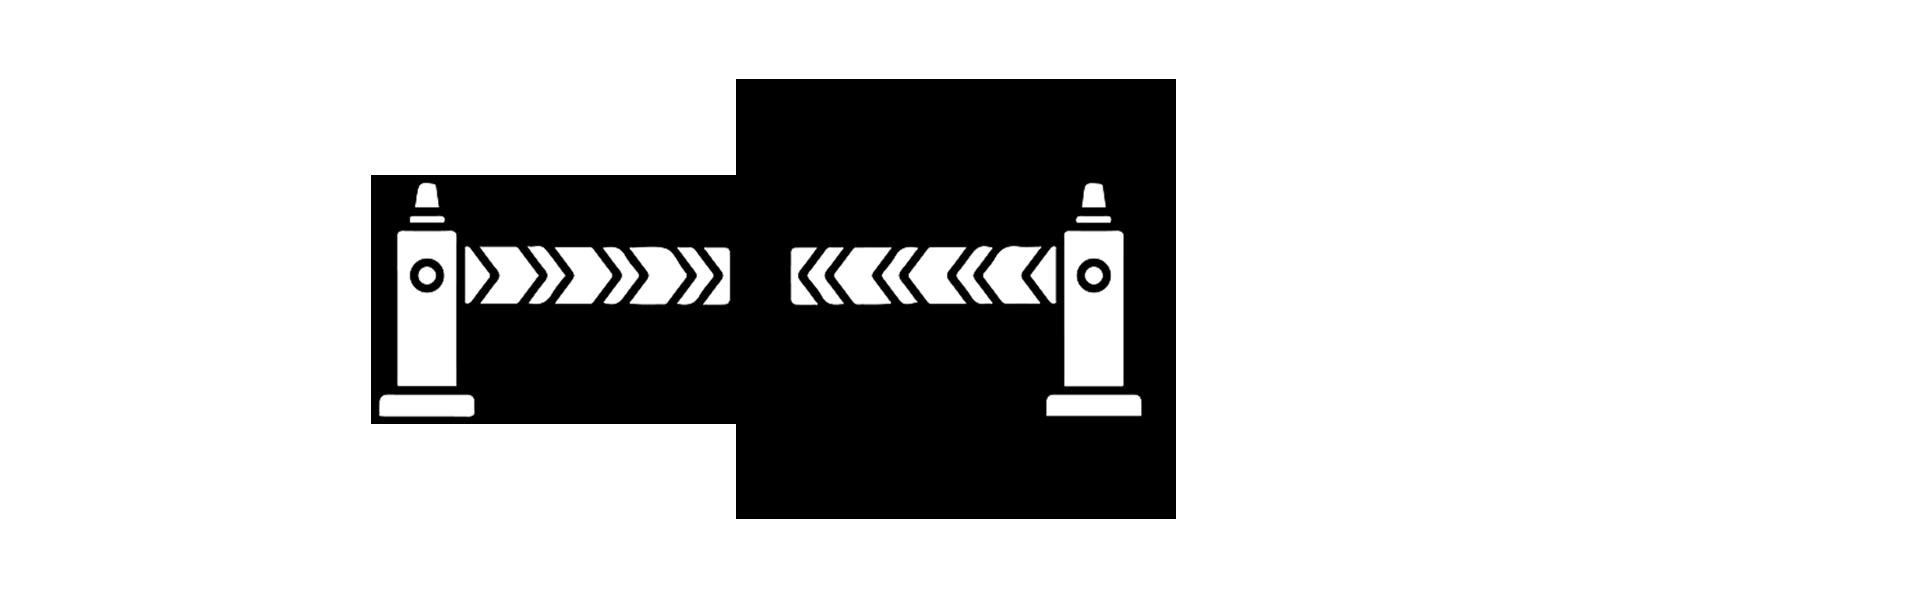 gate control icon smaller